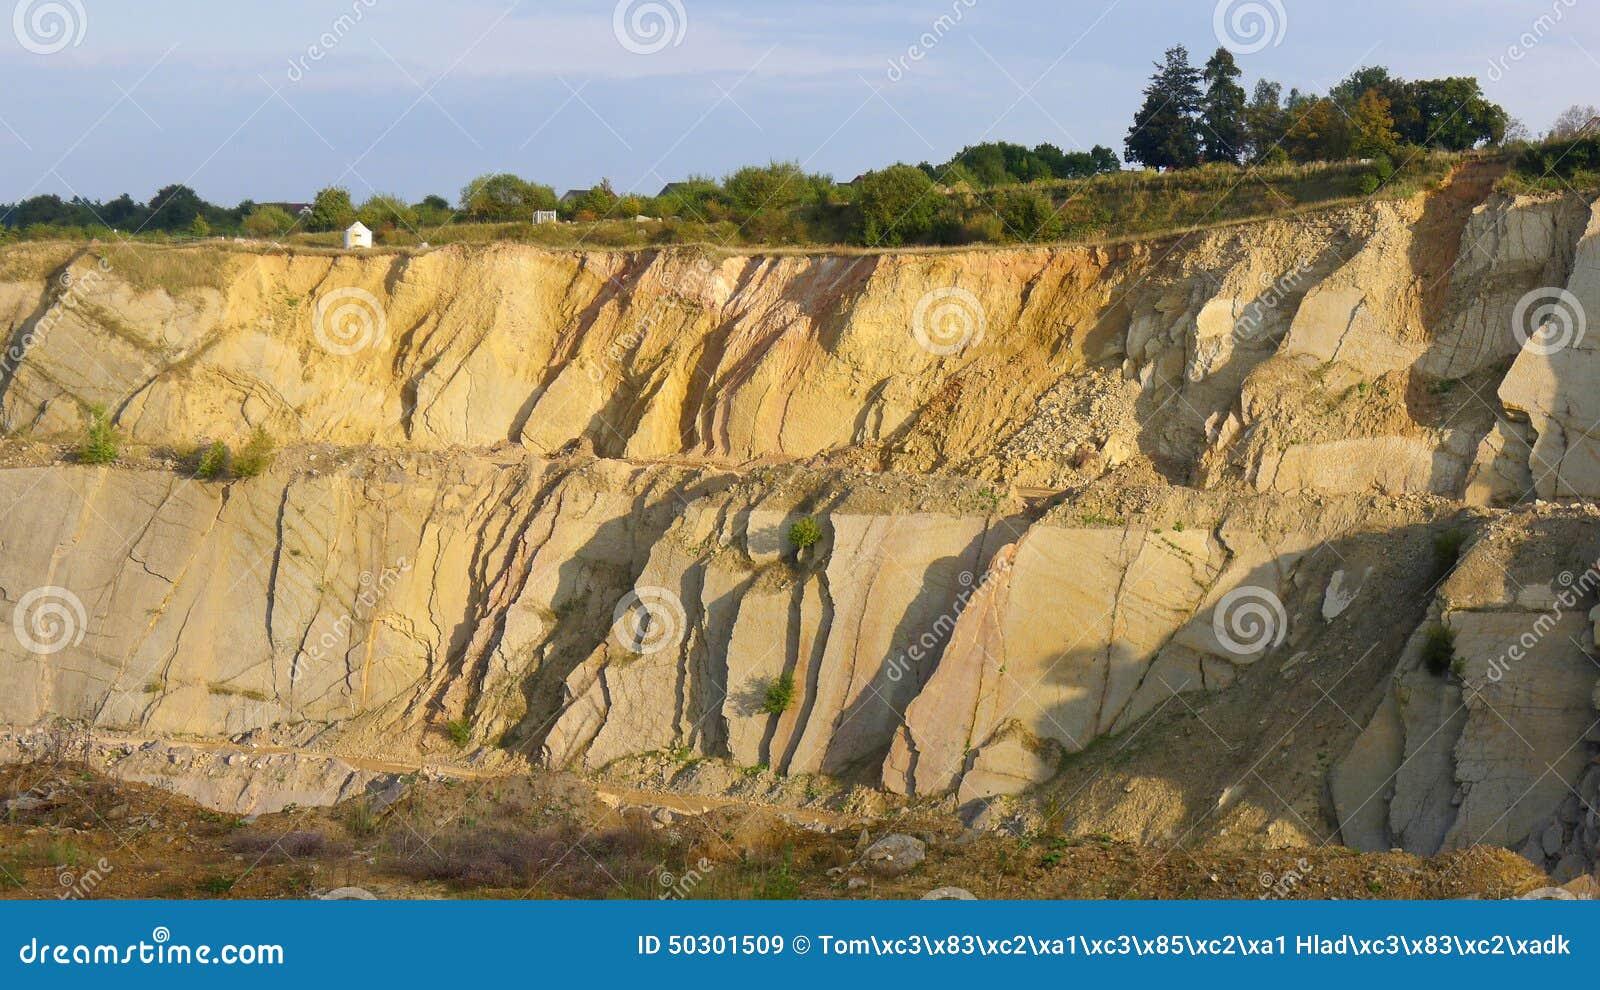 Mina superficial de la piedra caliza